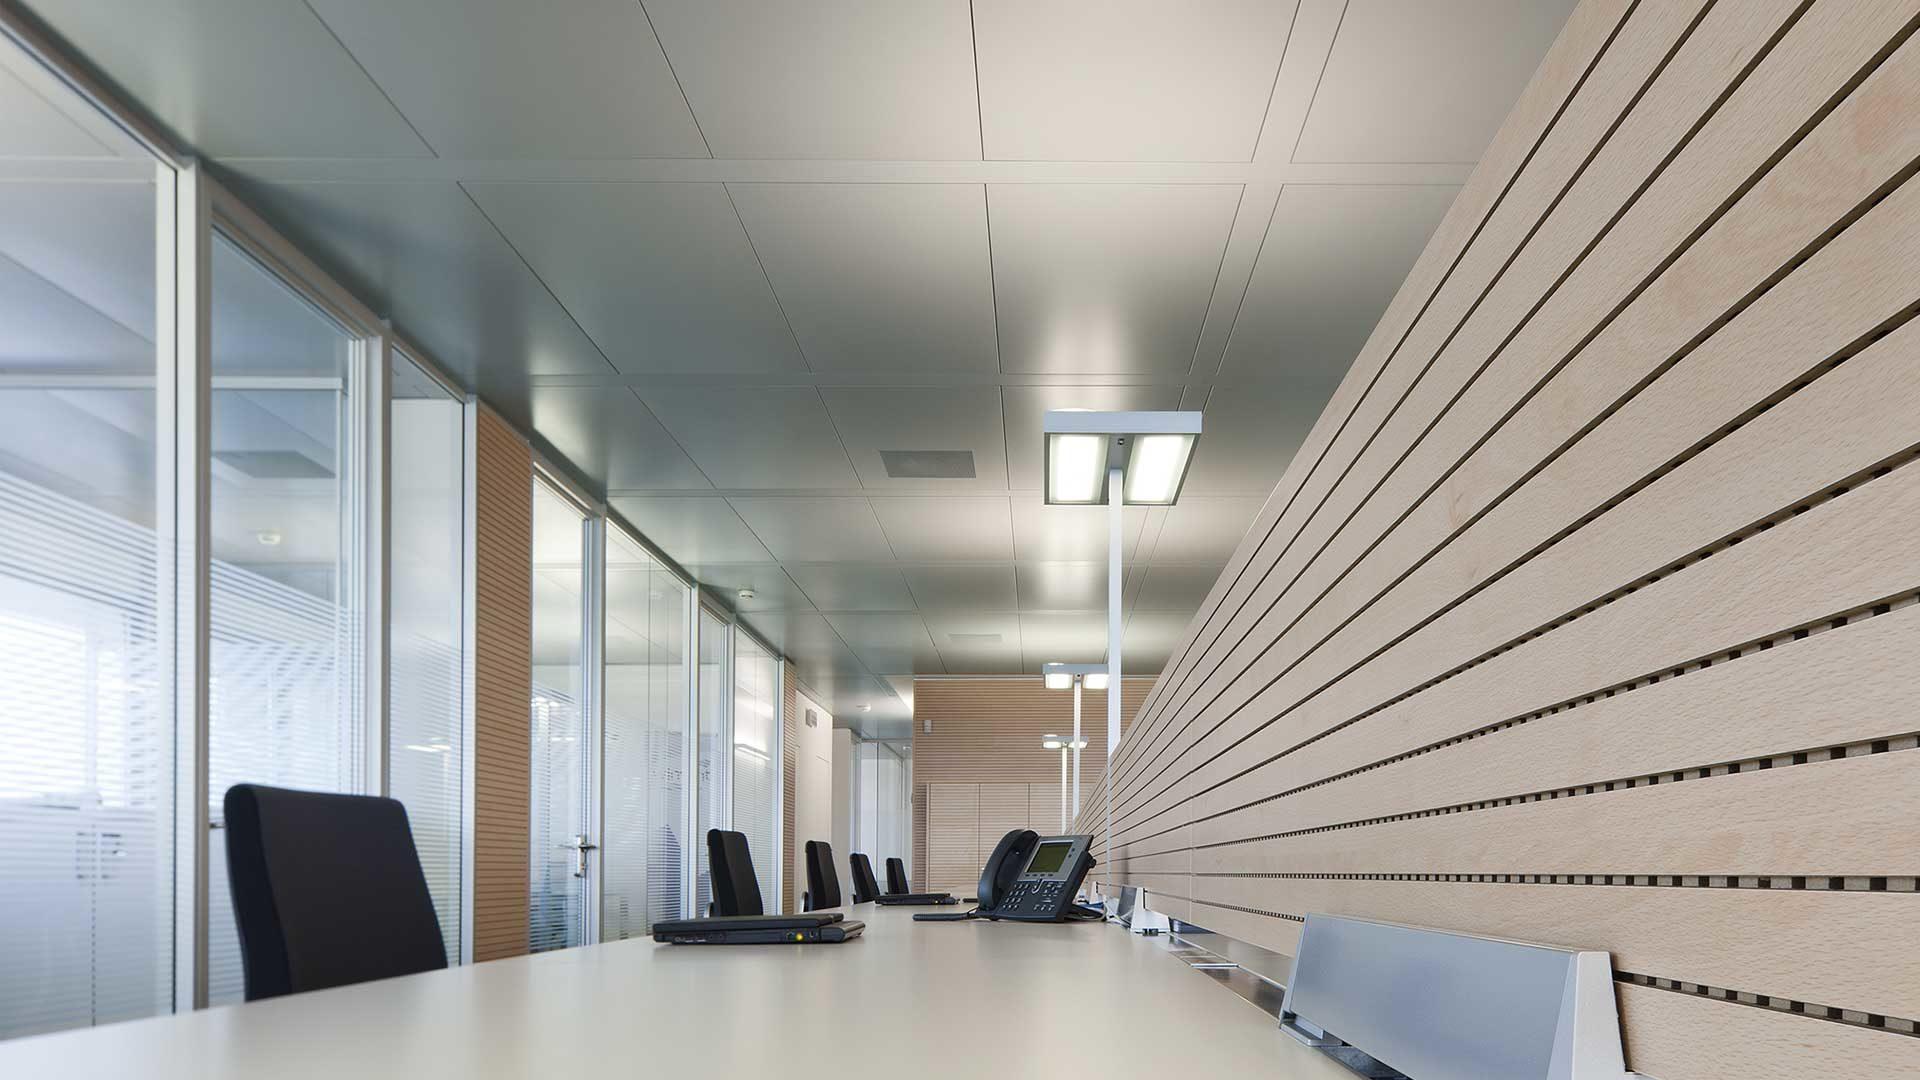 Isolare Acusticamente Una Parete Interna 10 prodotti per l'isolamento acustico in ufficio | acustica